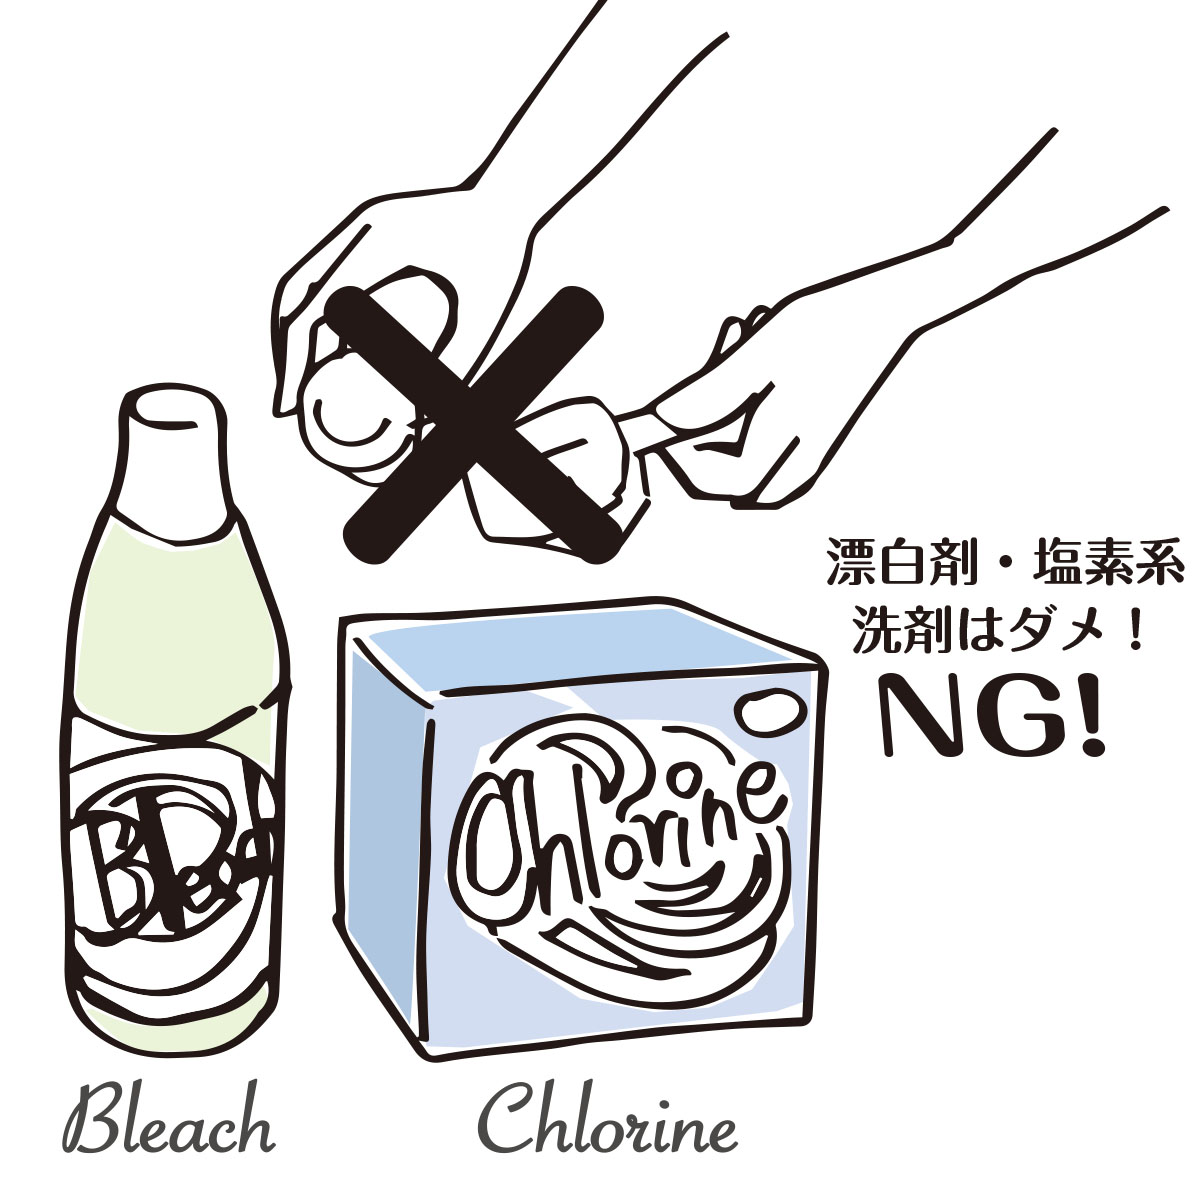 汚れがひどい場合は漂白剤を使っていいの?